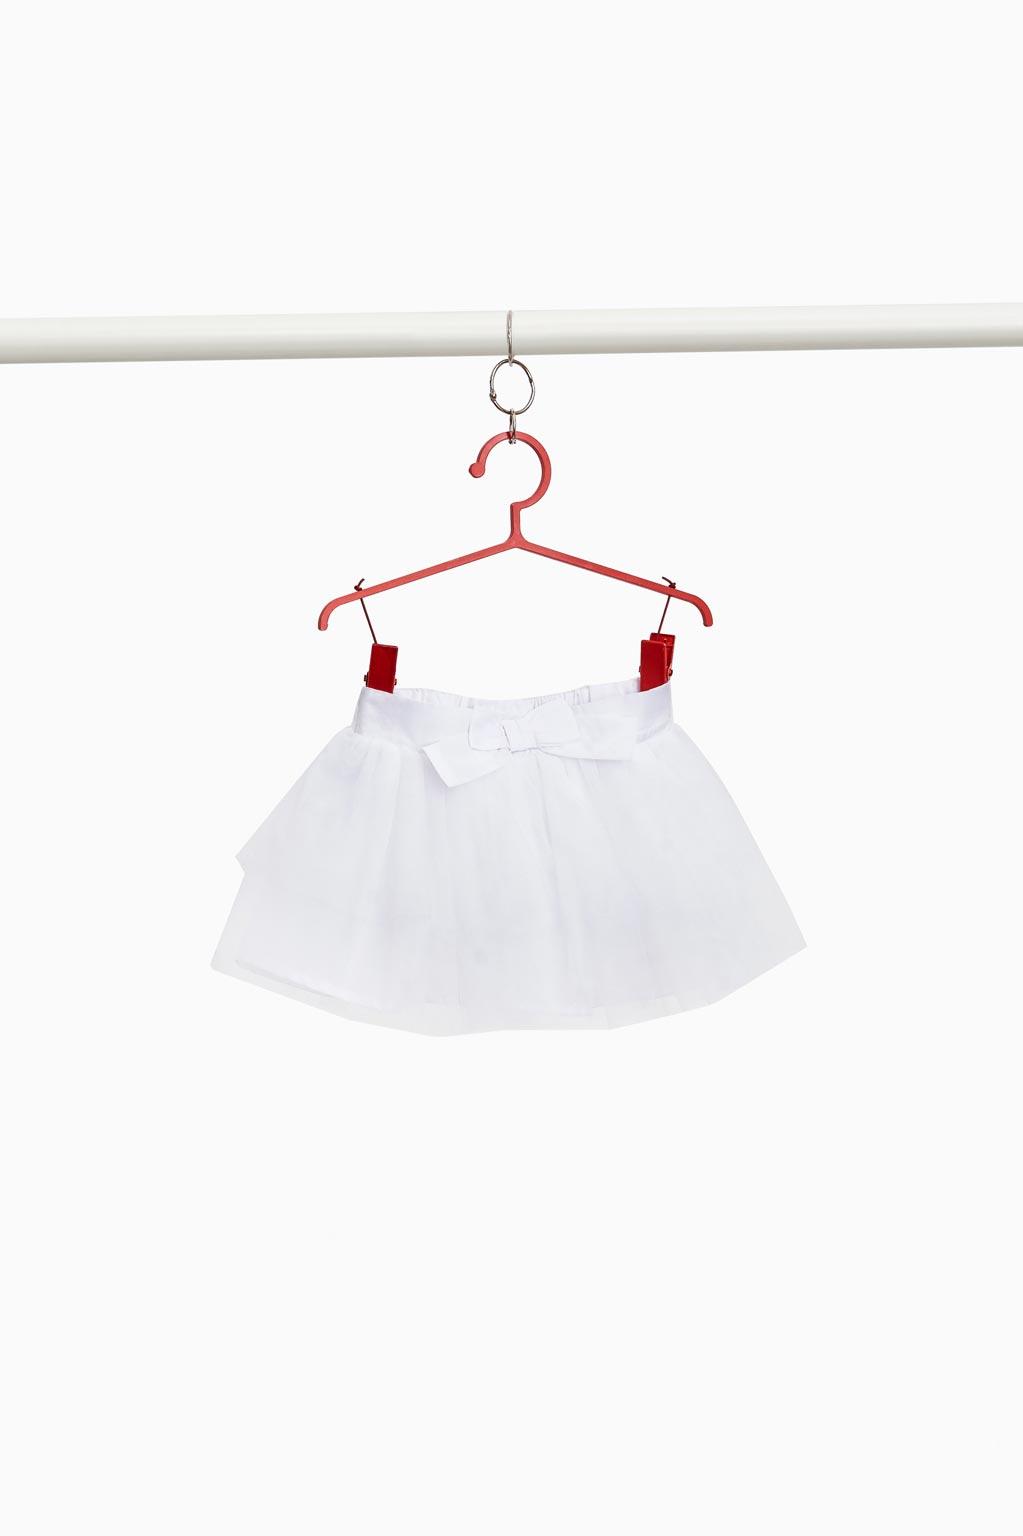 חצאית טול OVS עם פפיון - צבע לבן